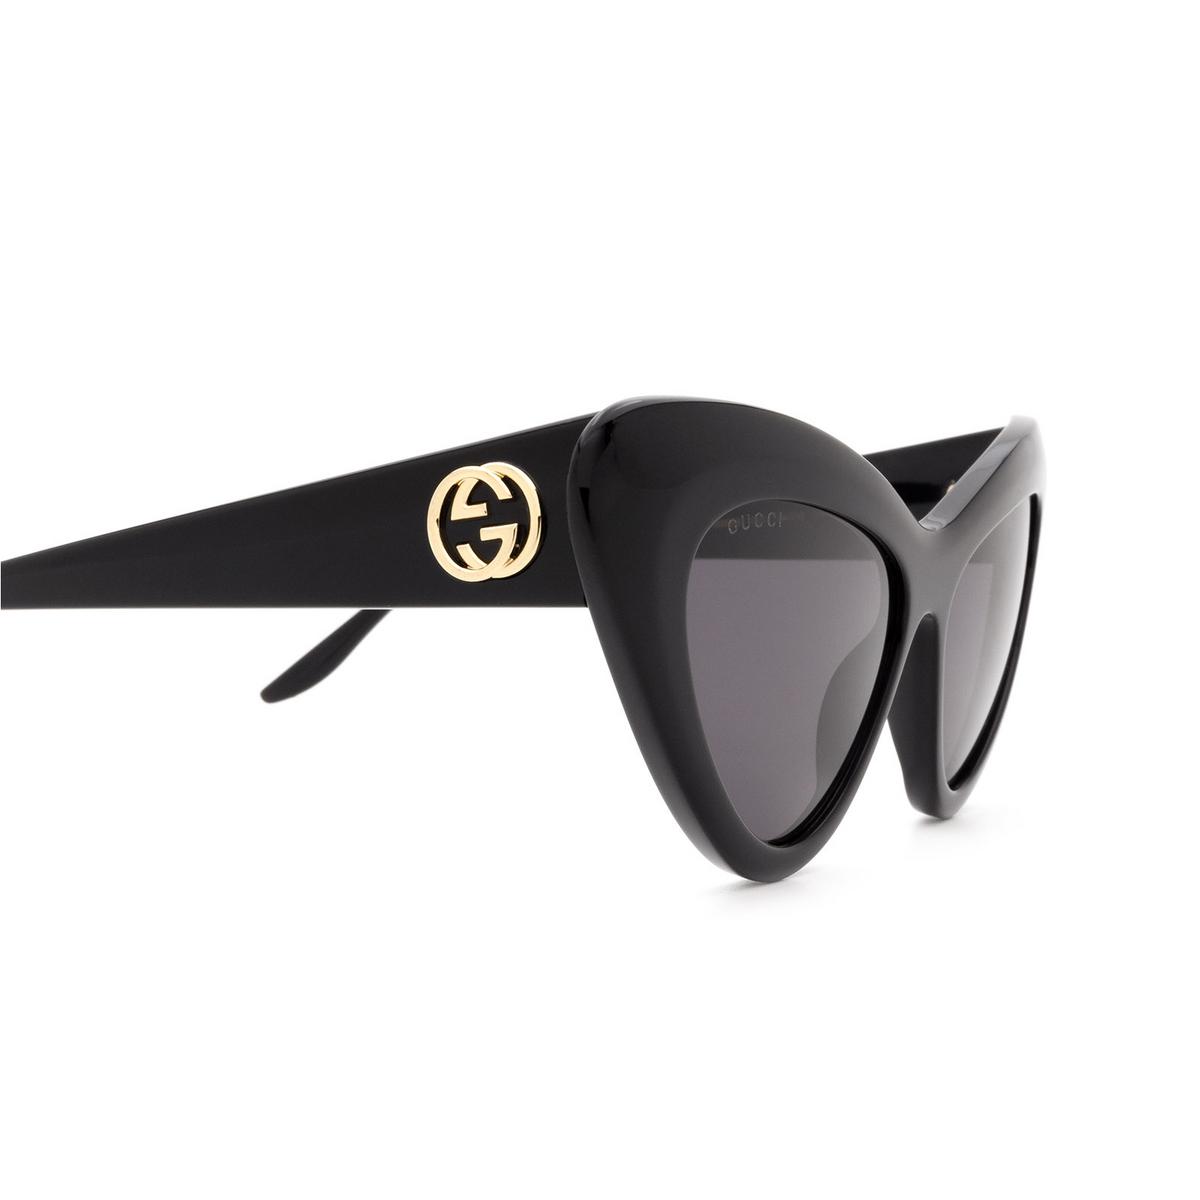 Gucci® Cat-eye Sunglasses: GG0895S color Black 001 - 3/3.